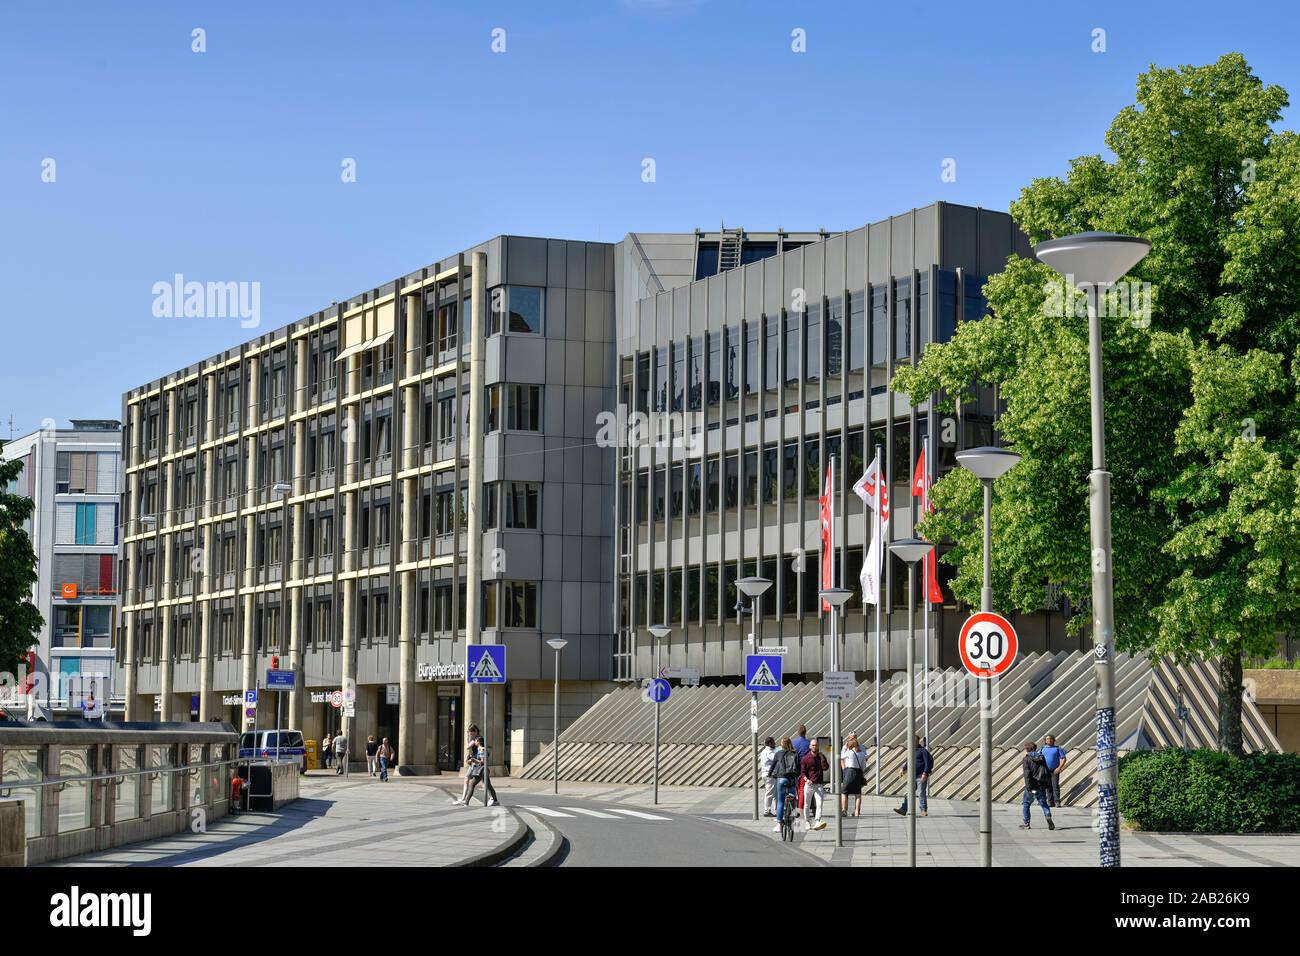 Neues Rathaus, Niederwall, Bielefeld, Nordrhein-Westfalen, Deutschland Stock Photo